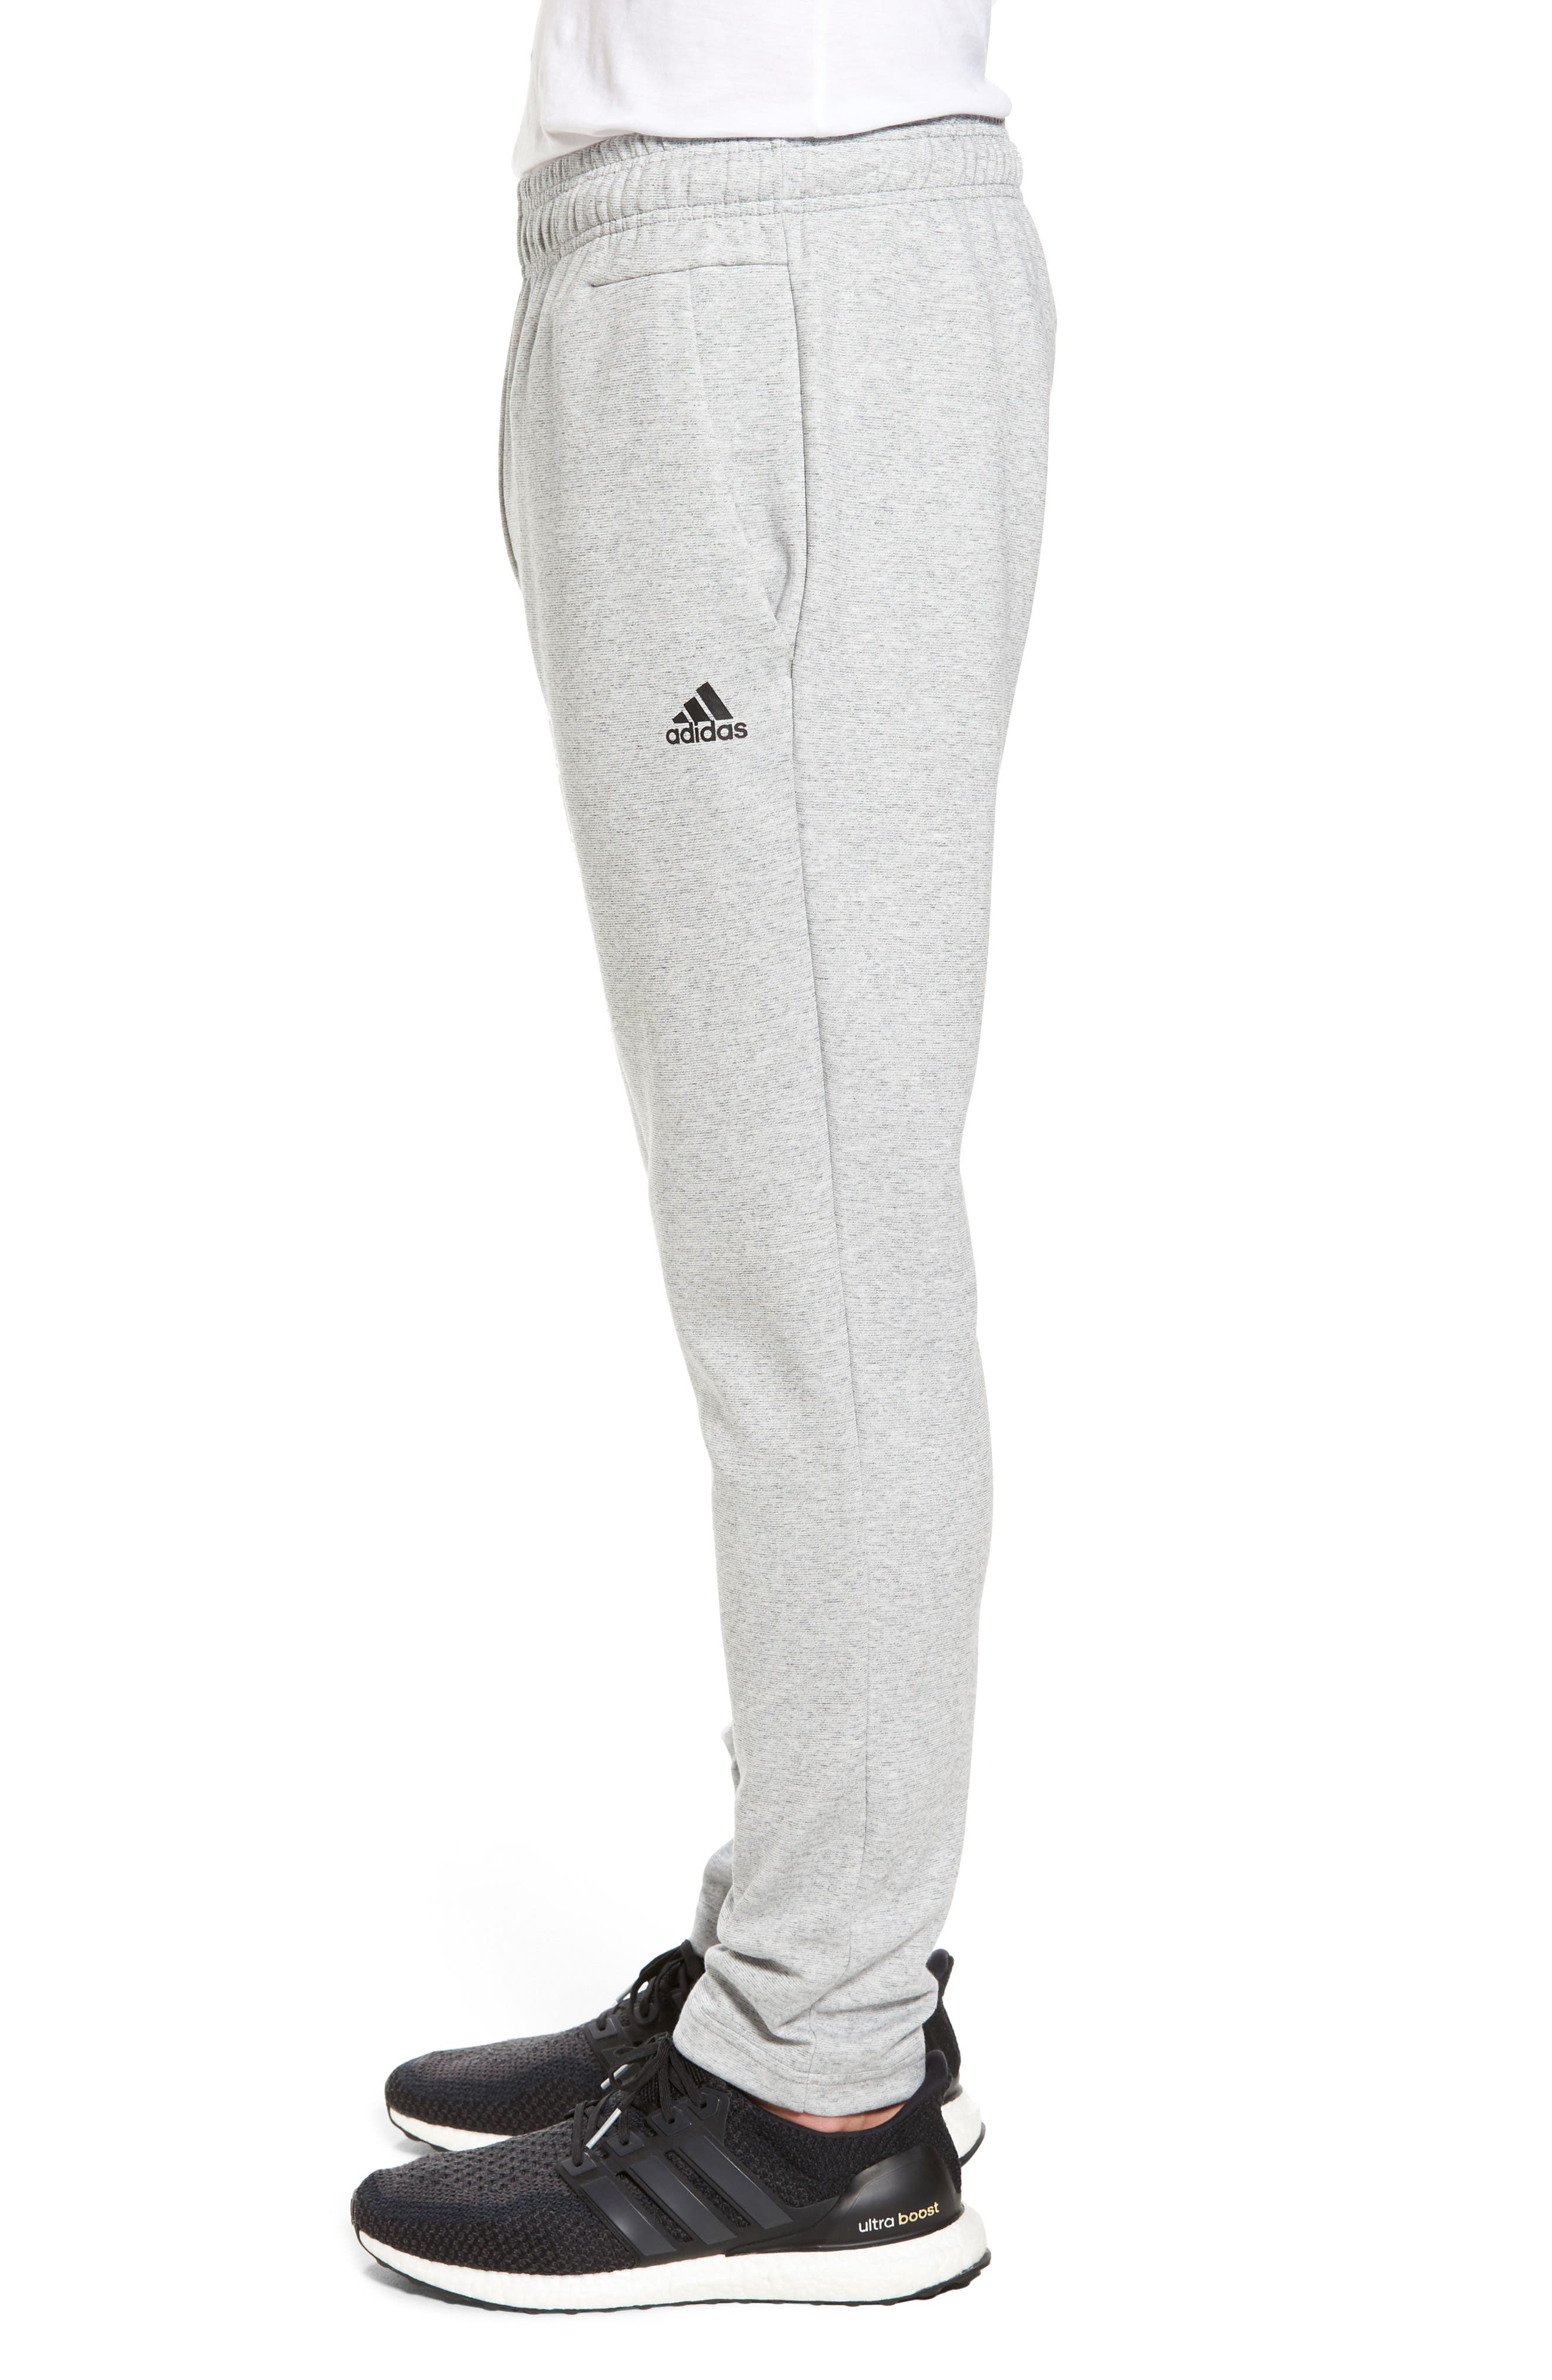 ID Stadium Knit Pants,                             Alternate thumbnail 3, color,                             STADIUM HEATHER/ BLACK